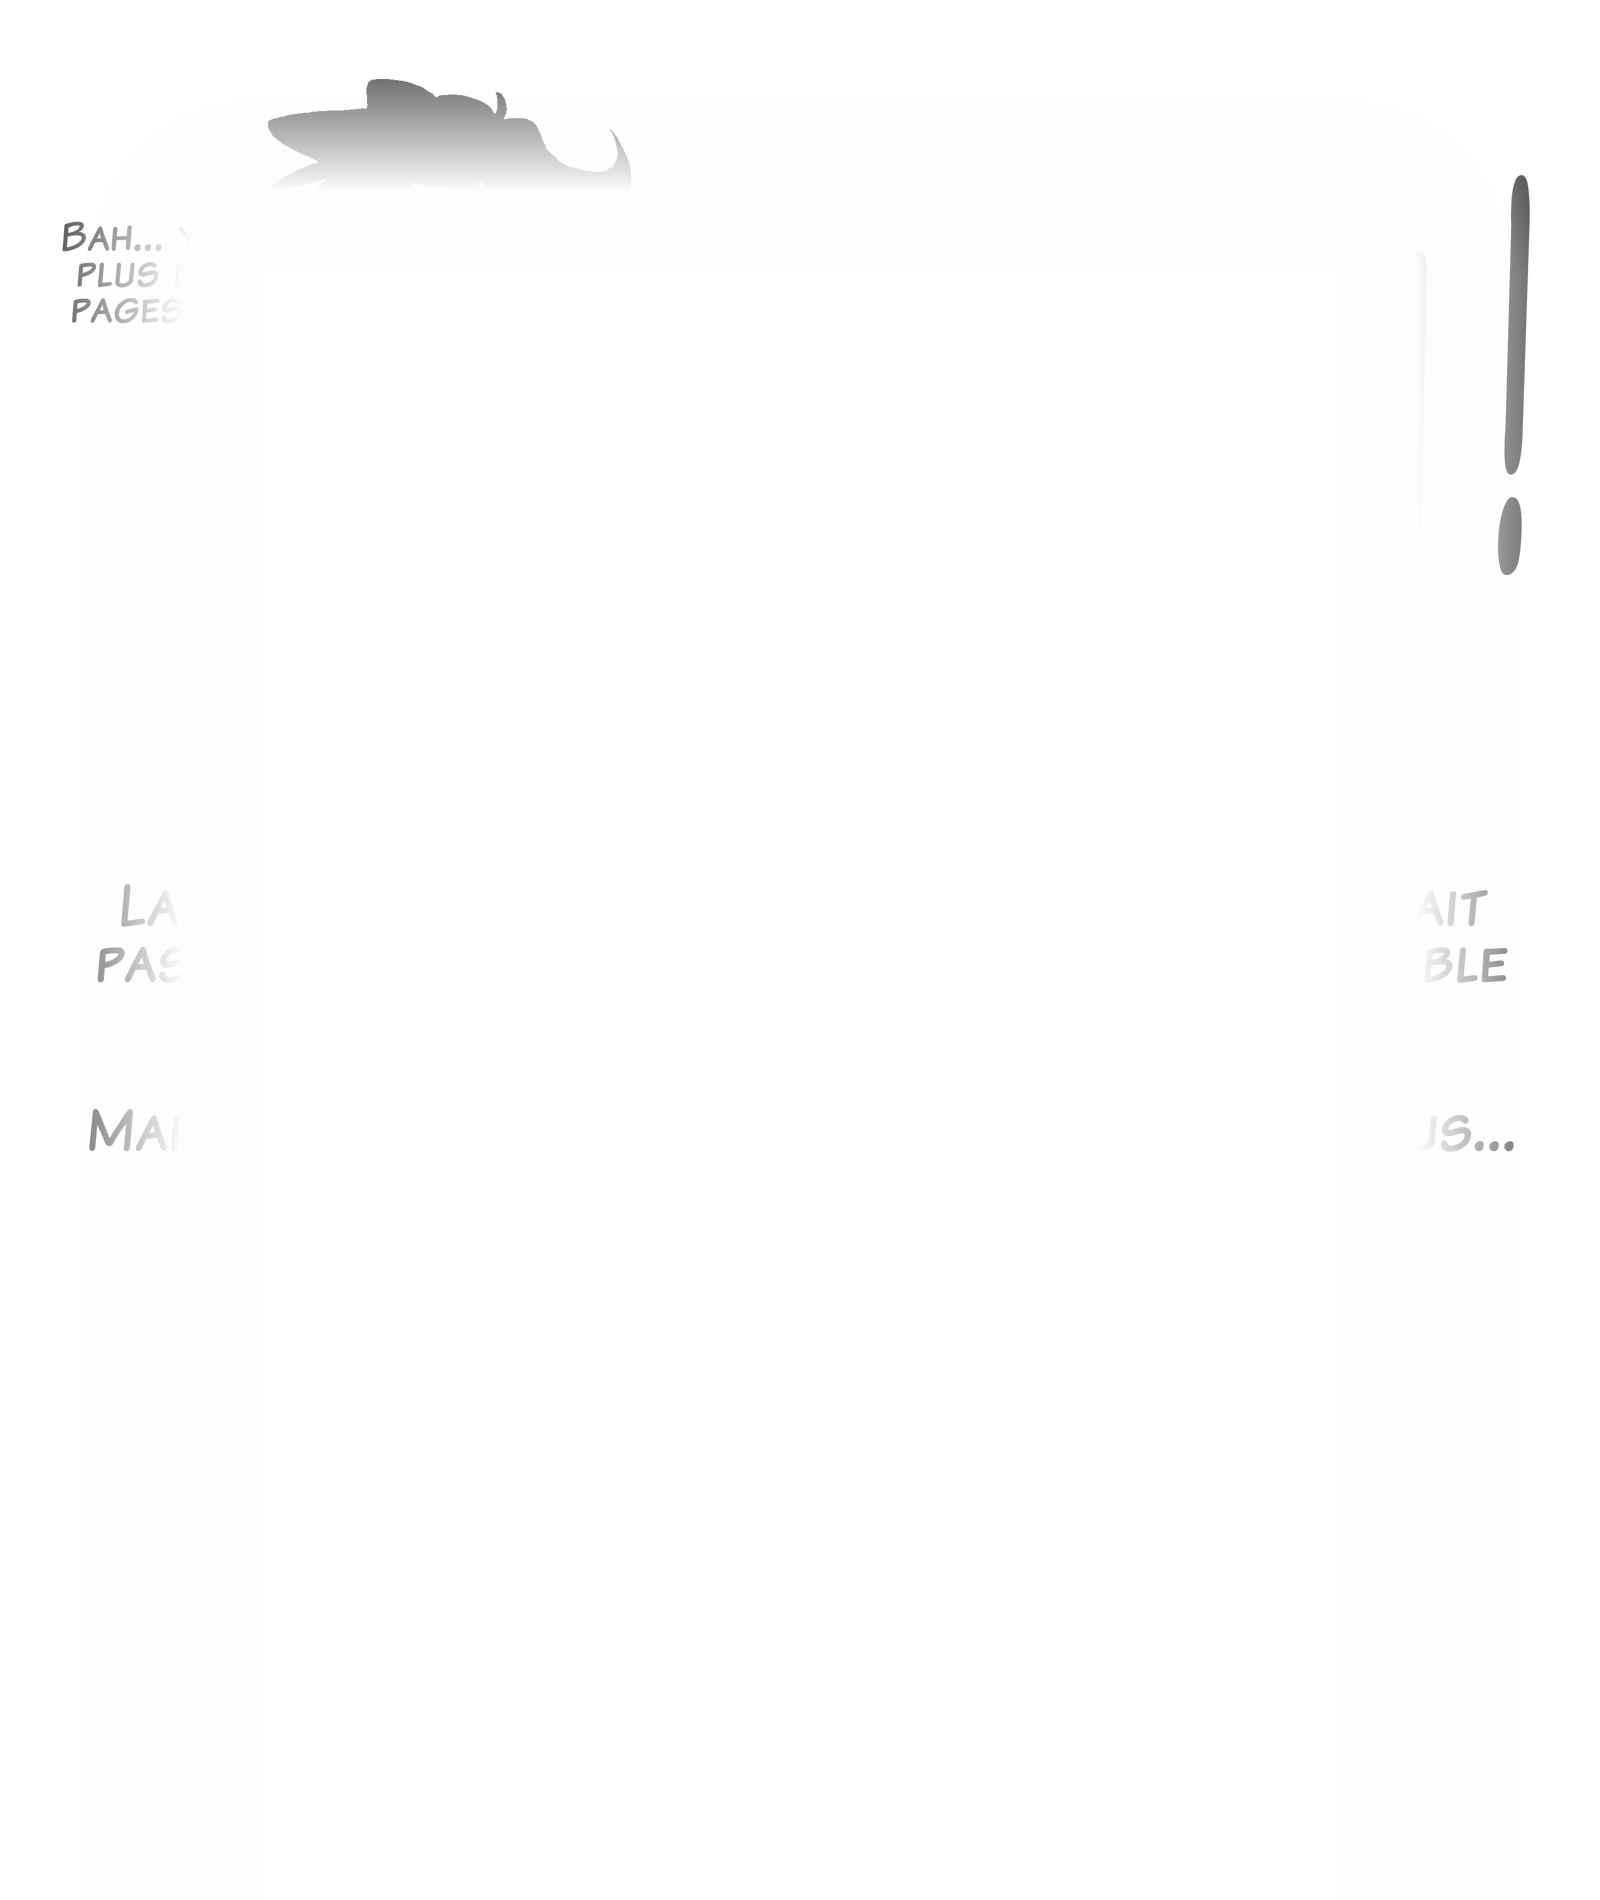 Hémisphères : Chapitre 16 page 27